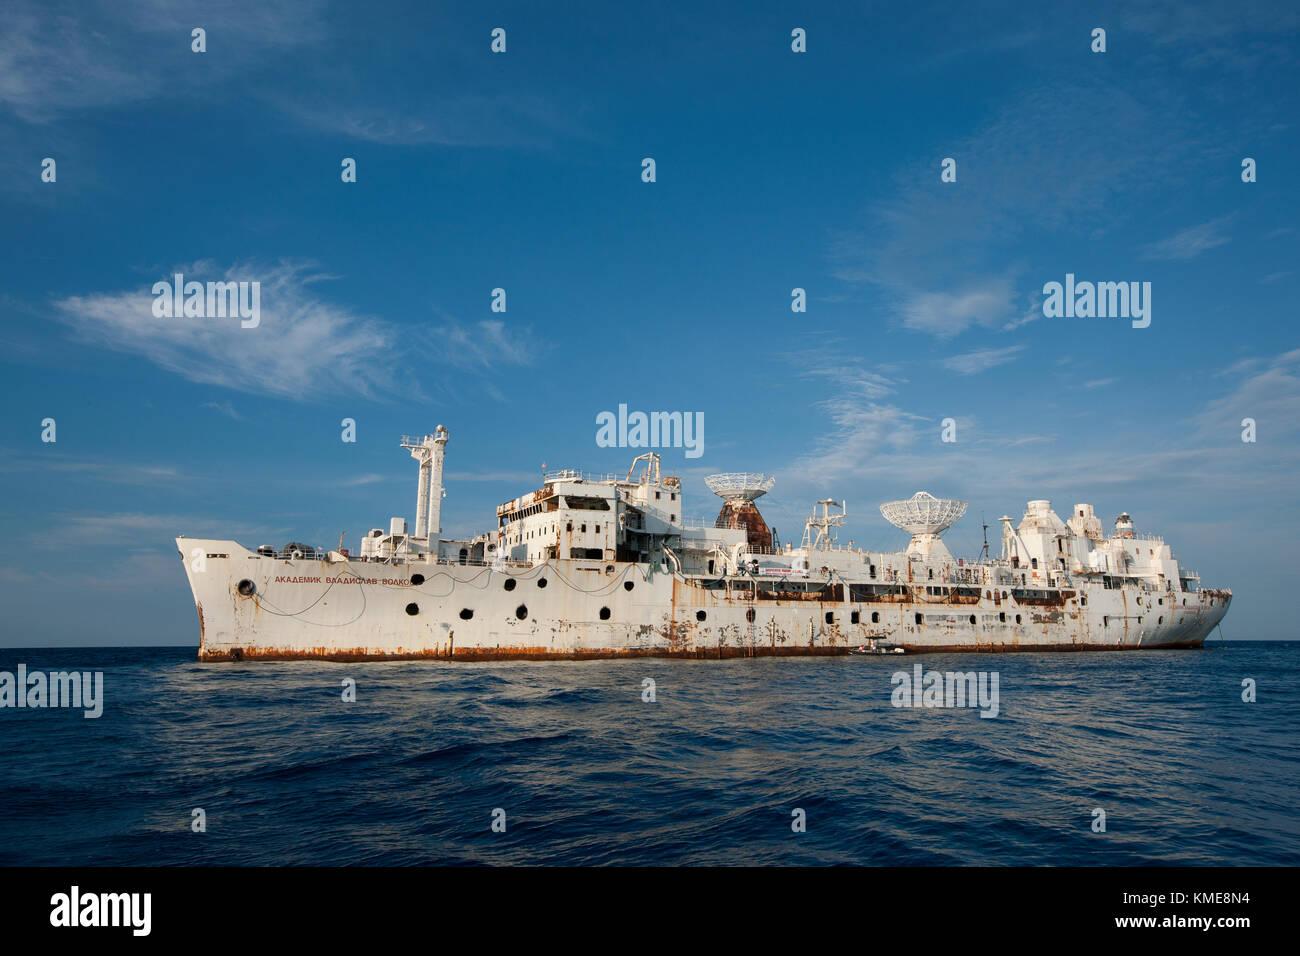 General hoyt vandenberg buque s. Como se prepara para el naufragio, a seis millas de la costa de Key West, Florida Keys. Foto de stock